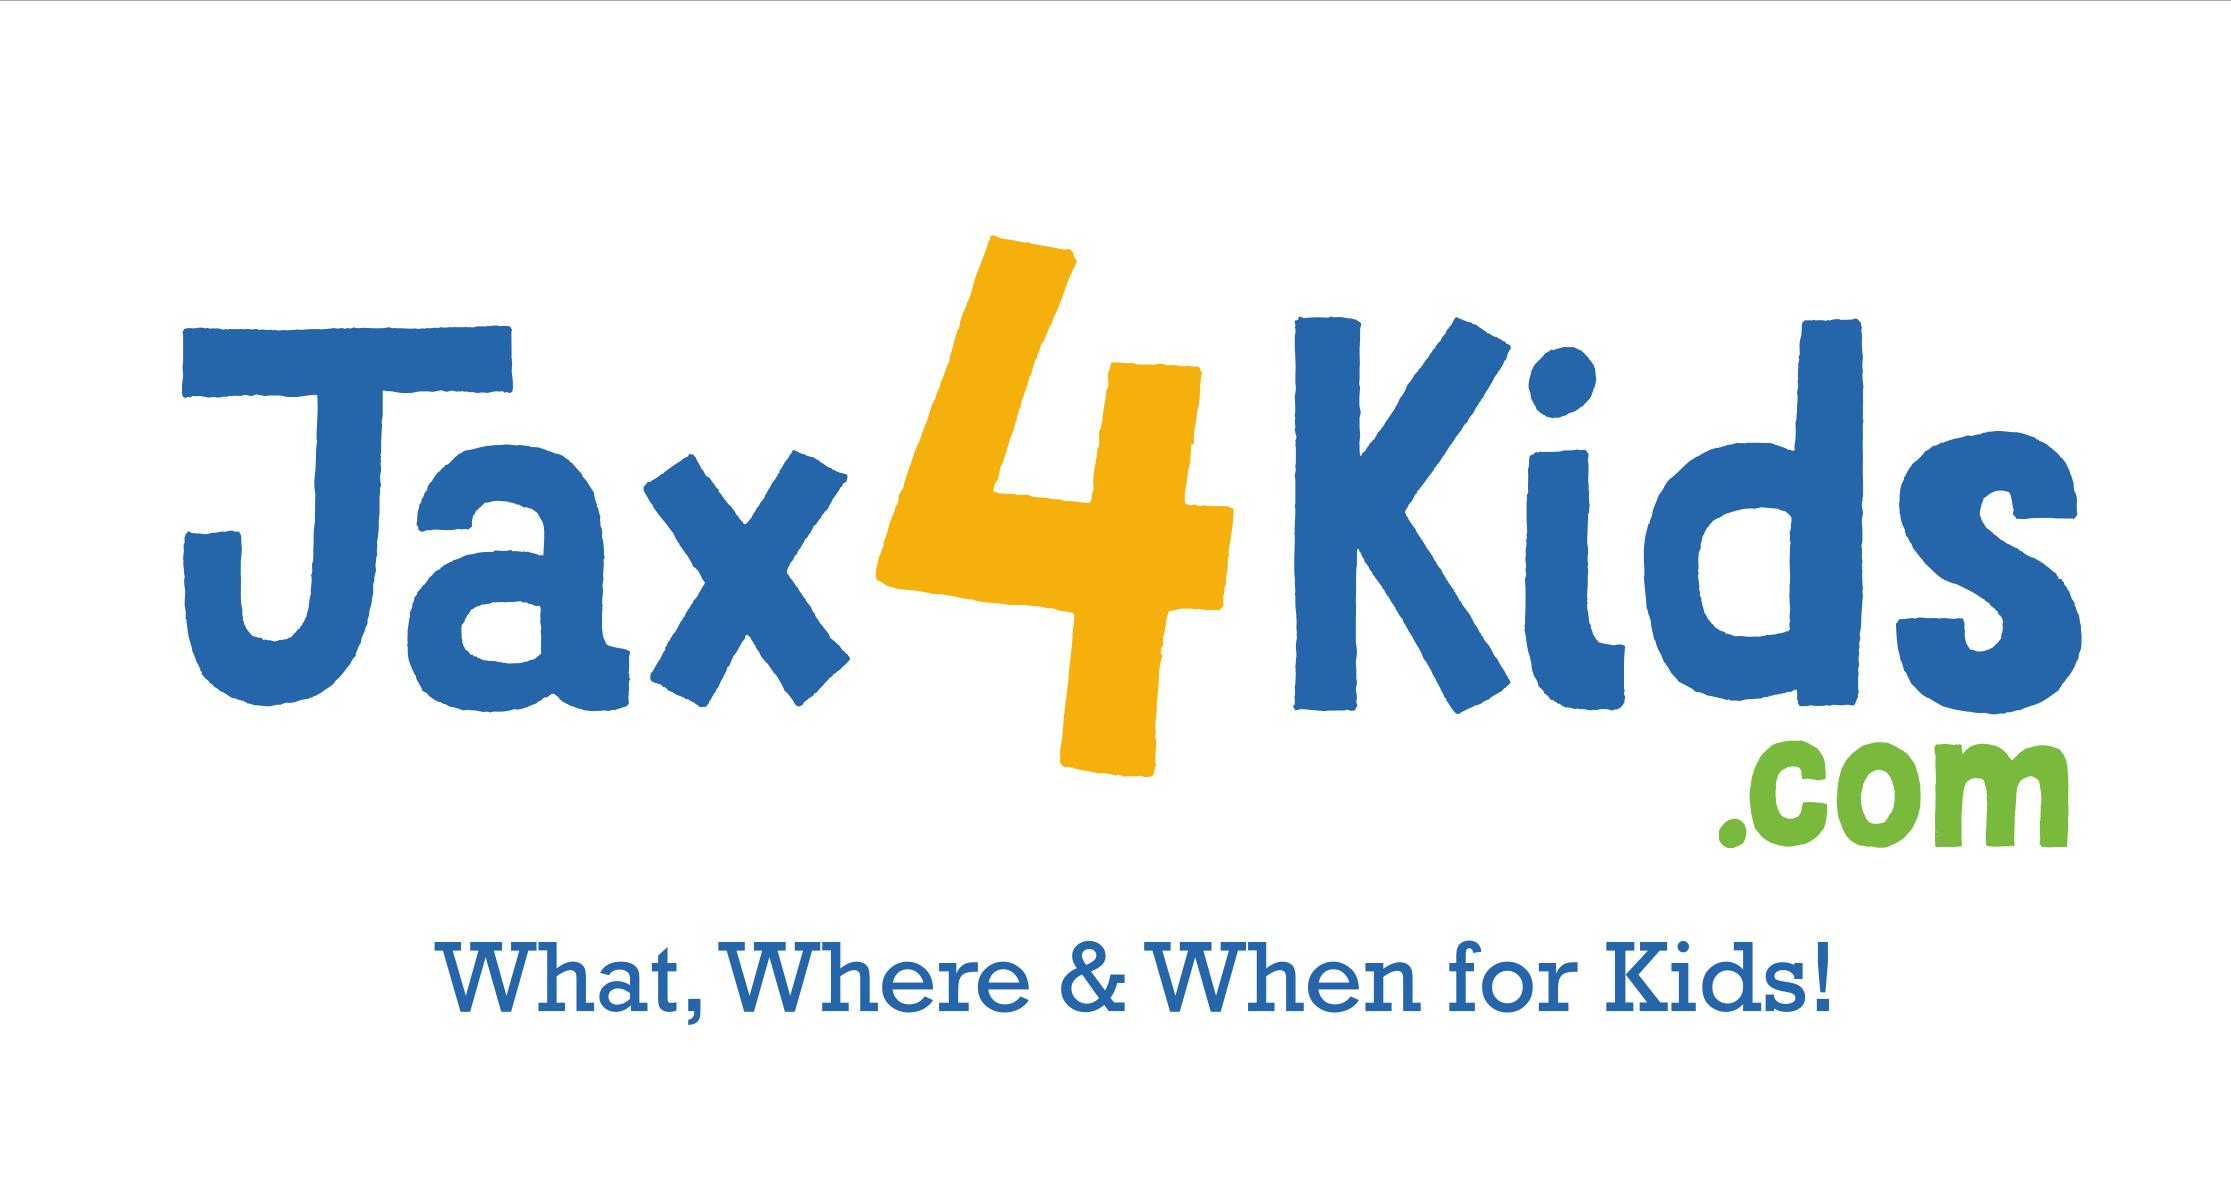 j4k-logo-com-tag-3color